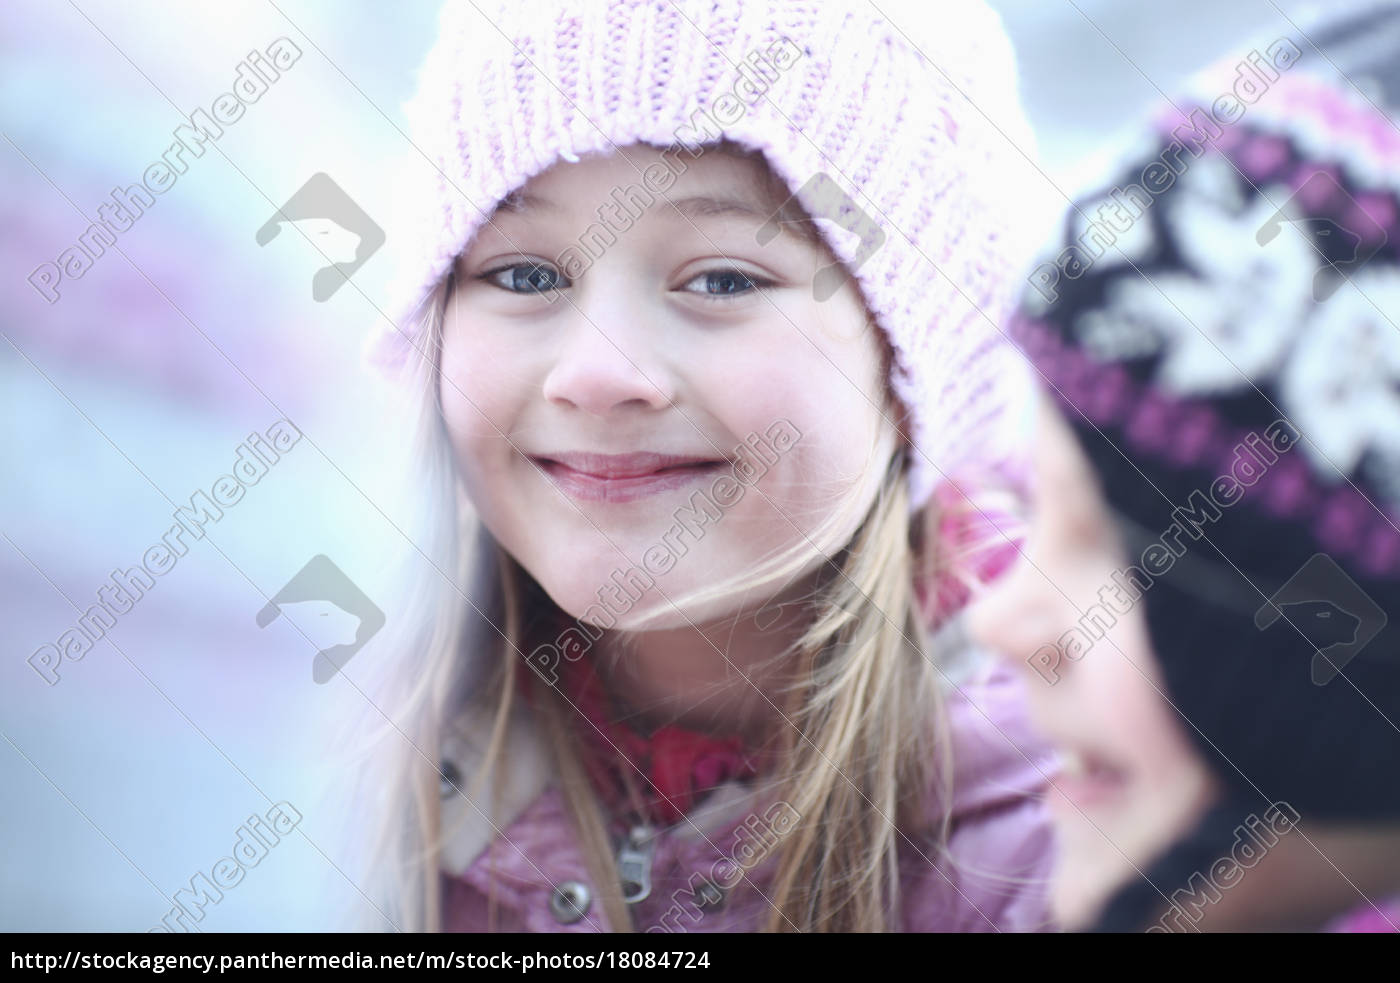 portrait, of, girl, in, woolly, hat - 18084724